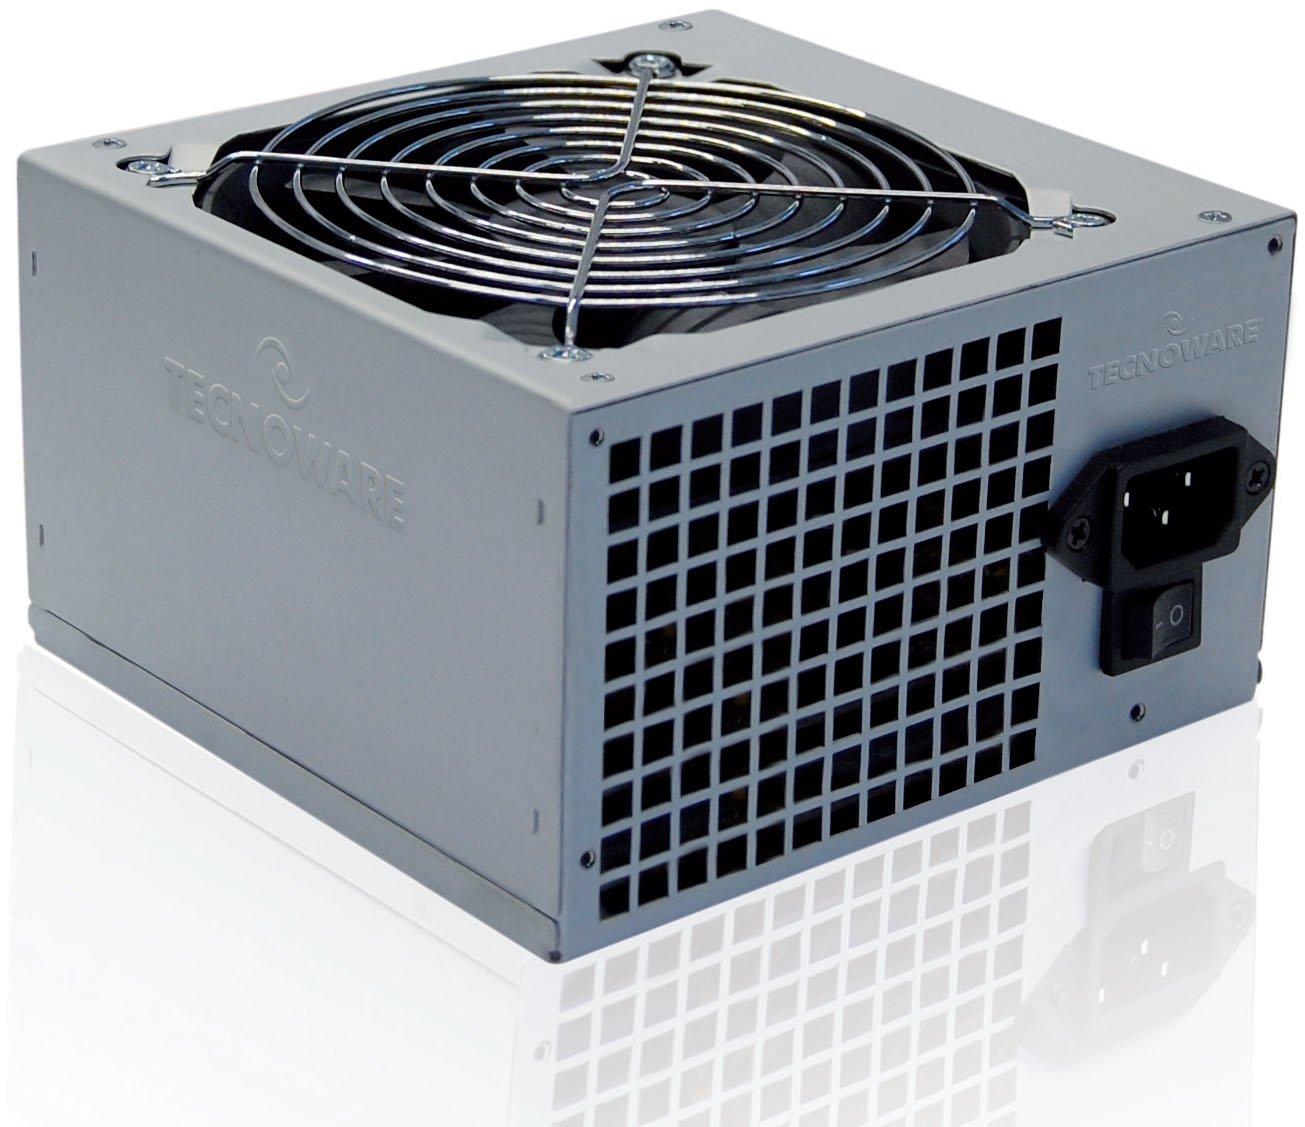 Tecnoware Free Silent Alimentatore per PC, 620 W, Grigio FAL625FS12 620W FreeSilent